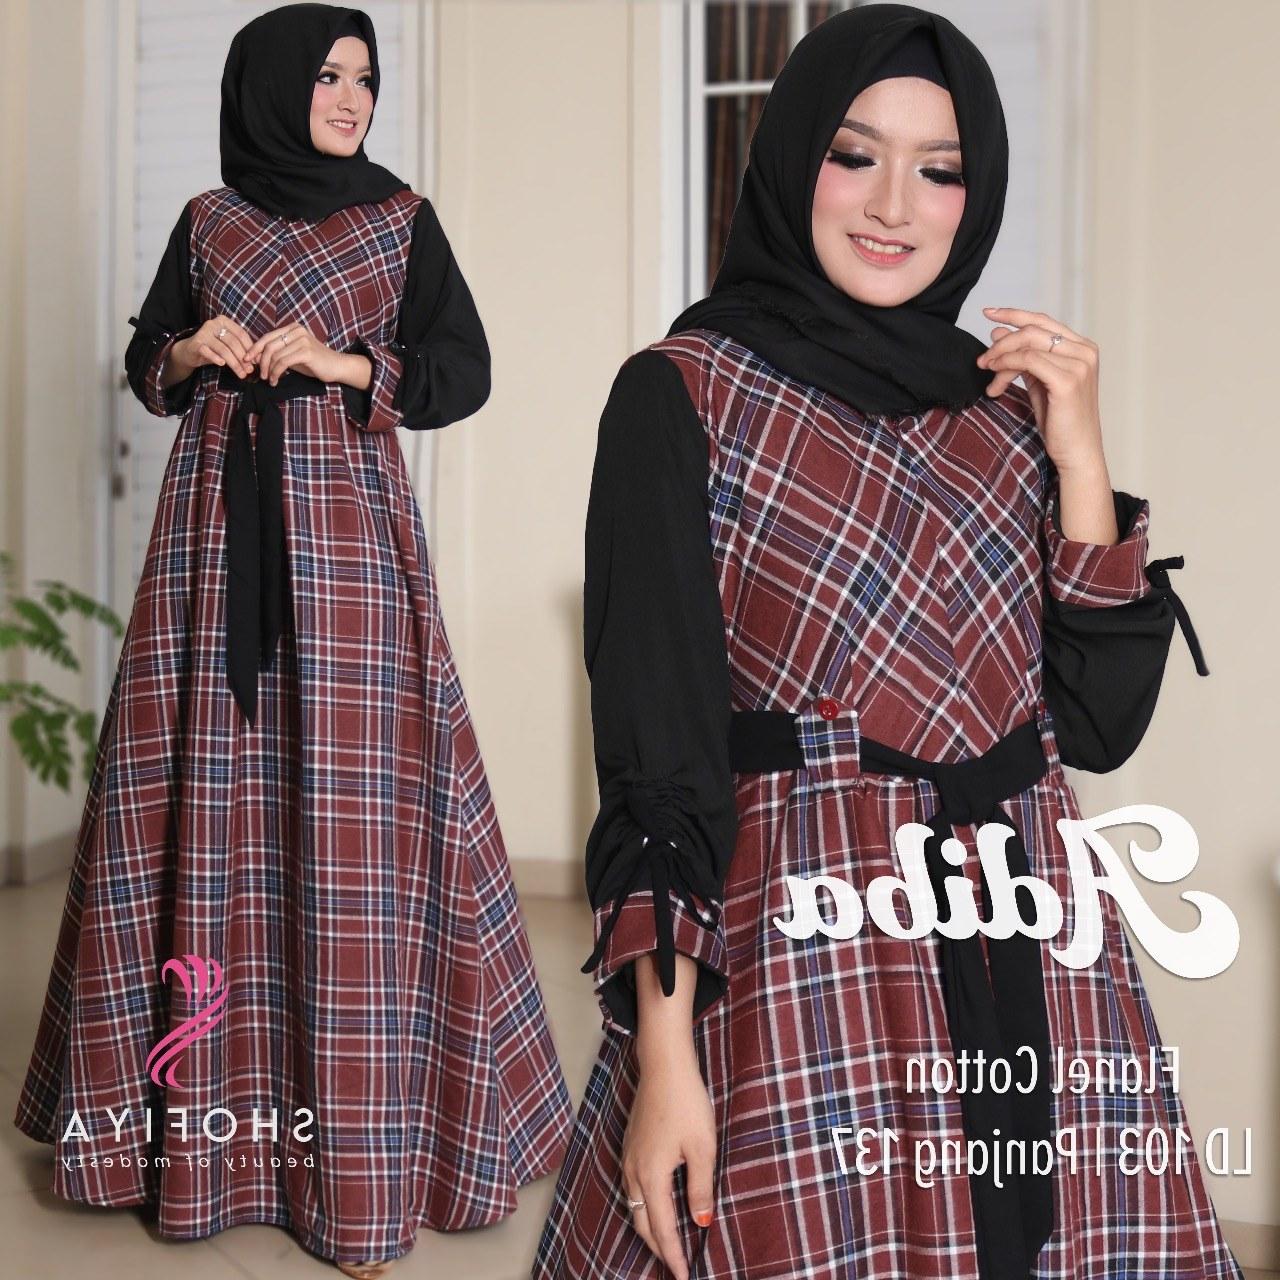 Bentuk Baju Lebaran Model Baru 9fdy Baju Gamis Terbaru Lebaran Wa 0811 5131 482